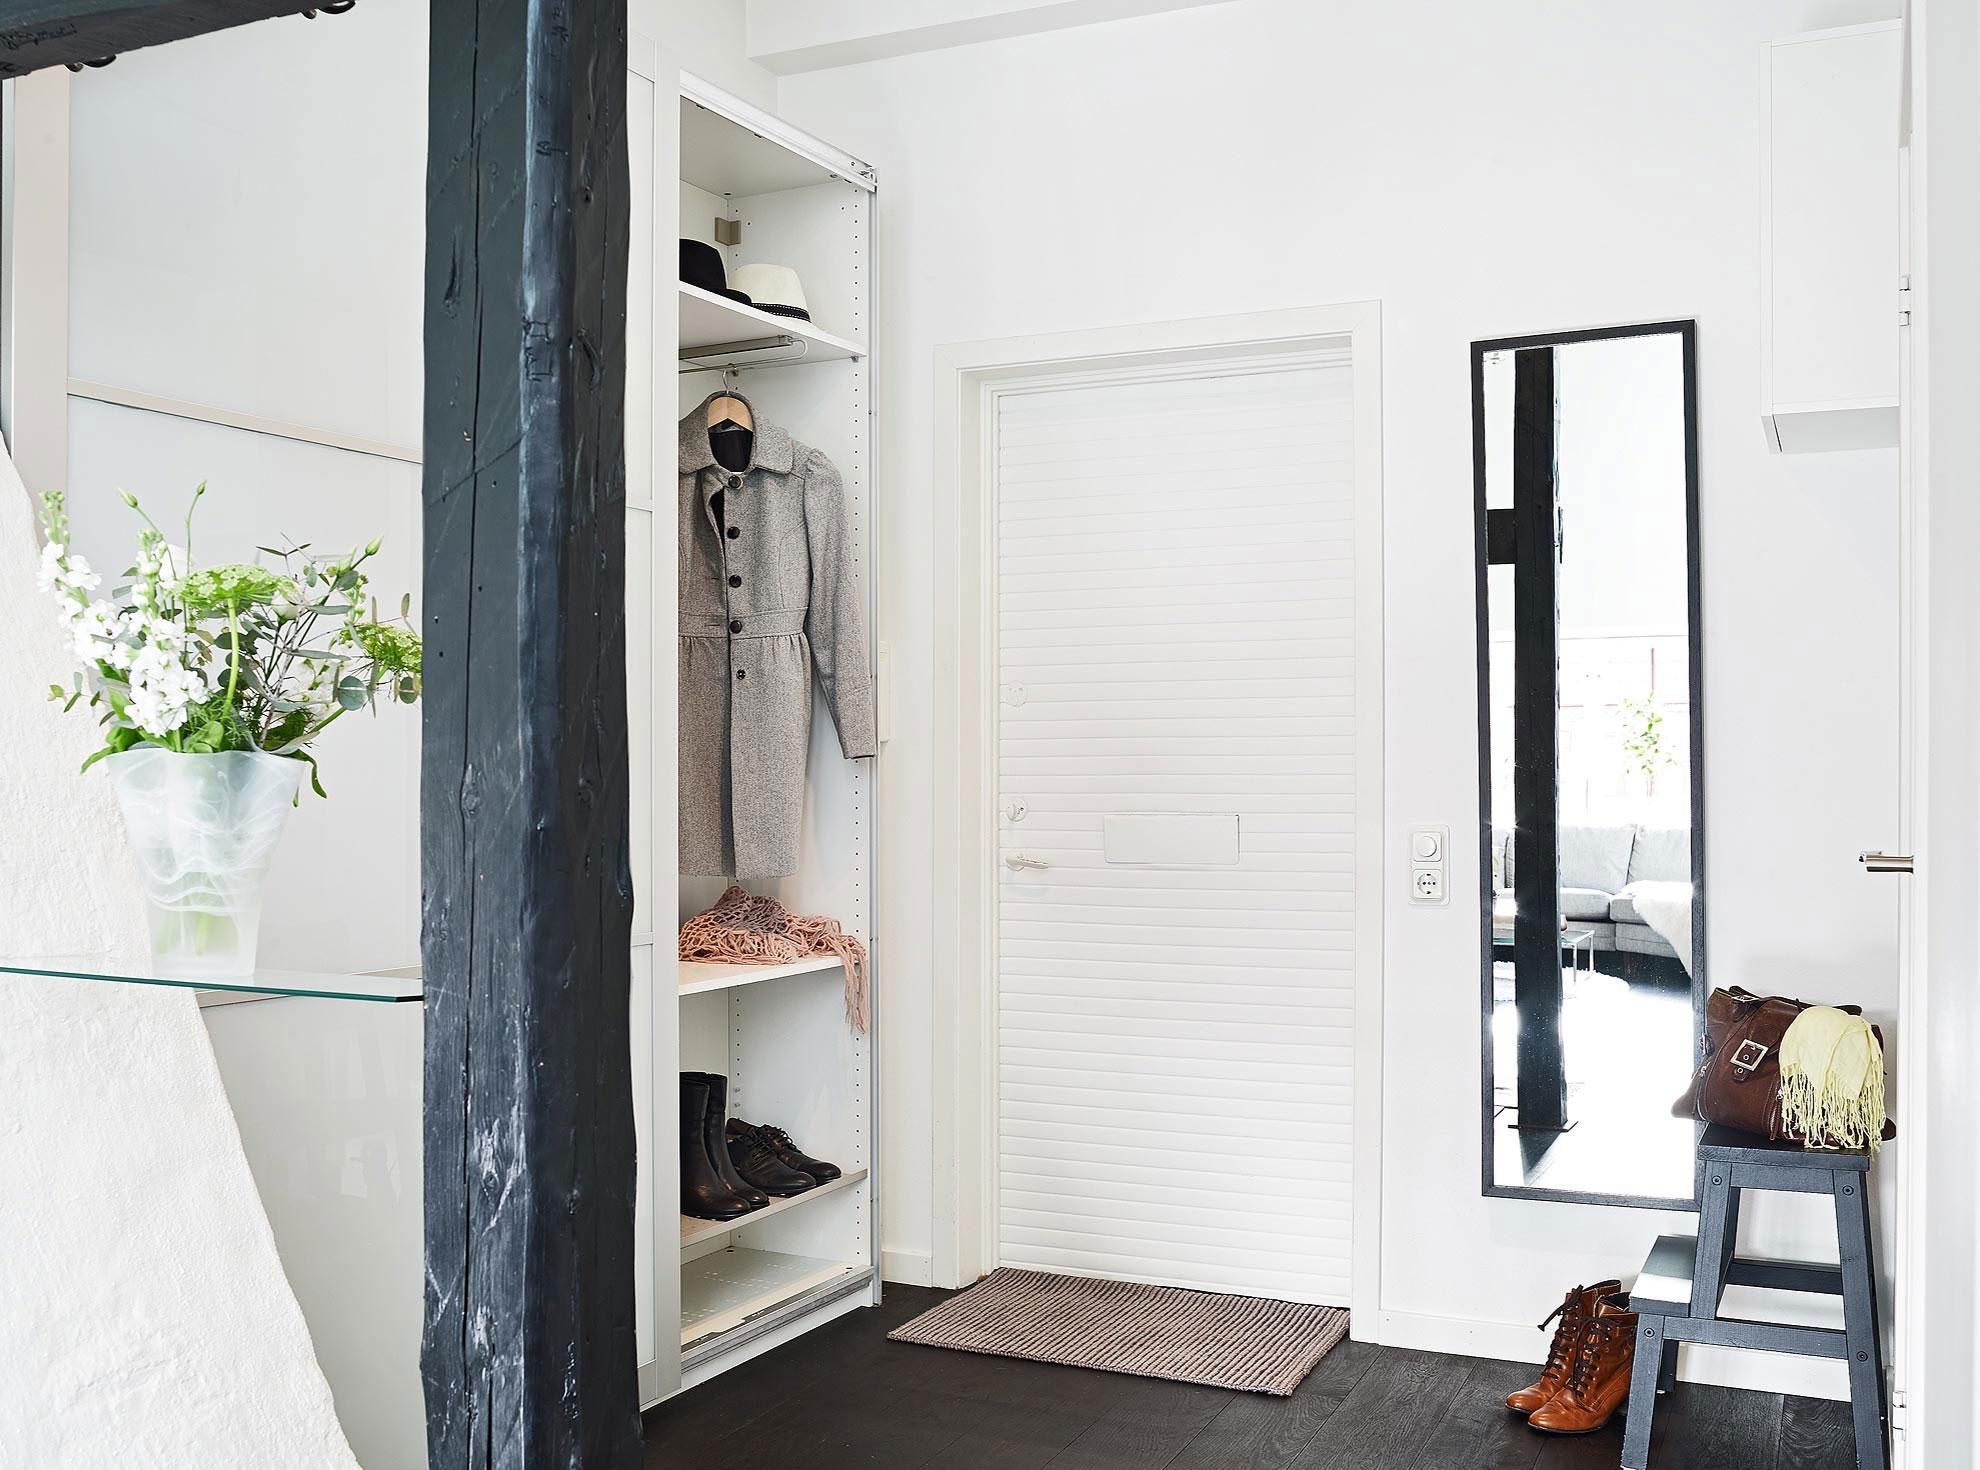 Узкое зеркало в черной раме возле входной двери в прихожей